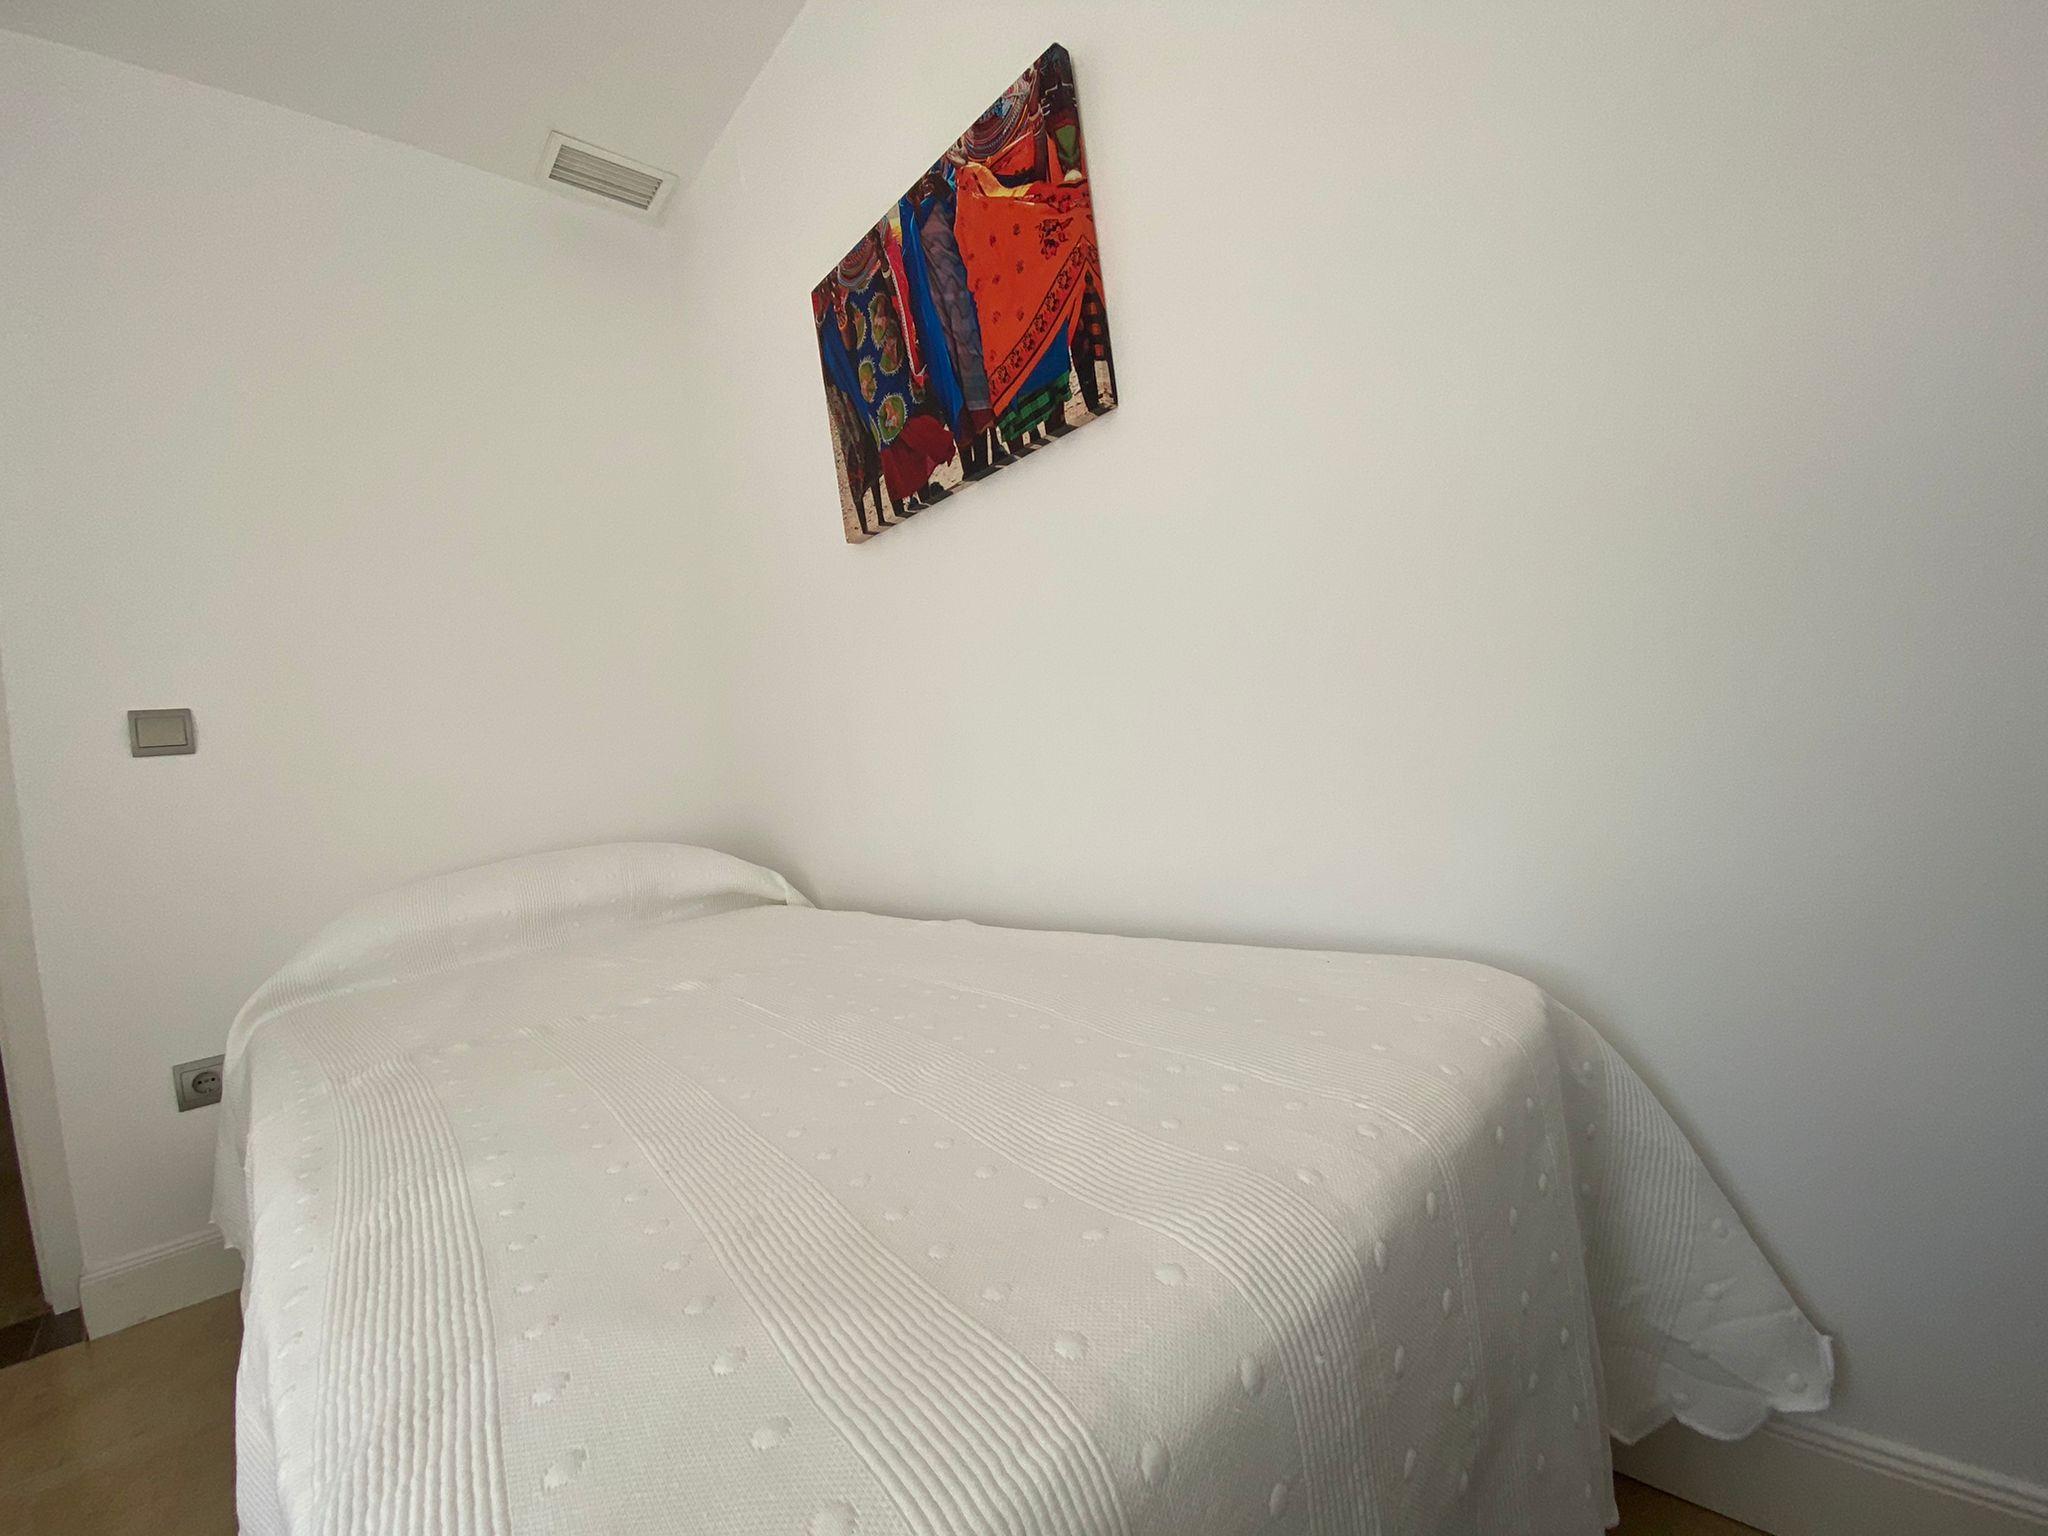 Imagen 33 del Apartamento Turístico, Ático 7 Central (3d+2b), Punta del Moral (HUELVA), Paseo de la Cruz nº22